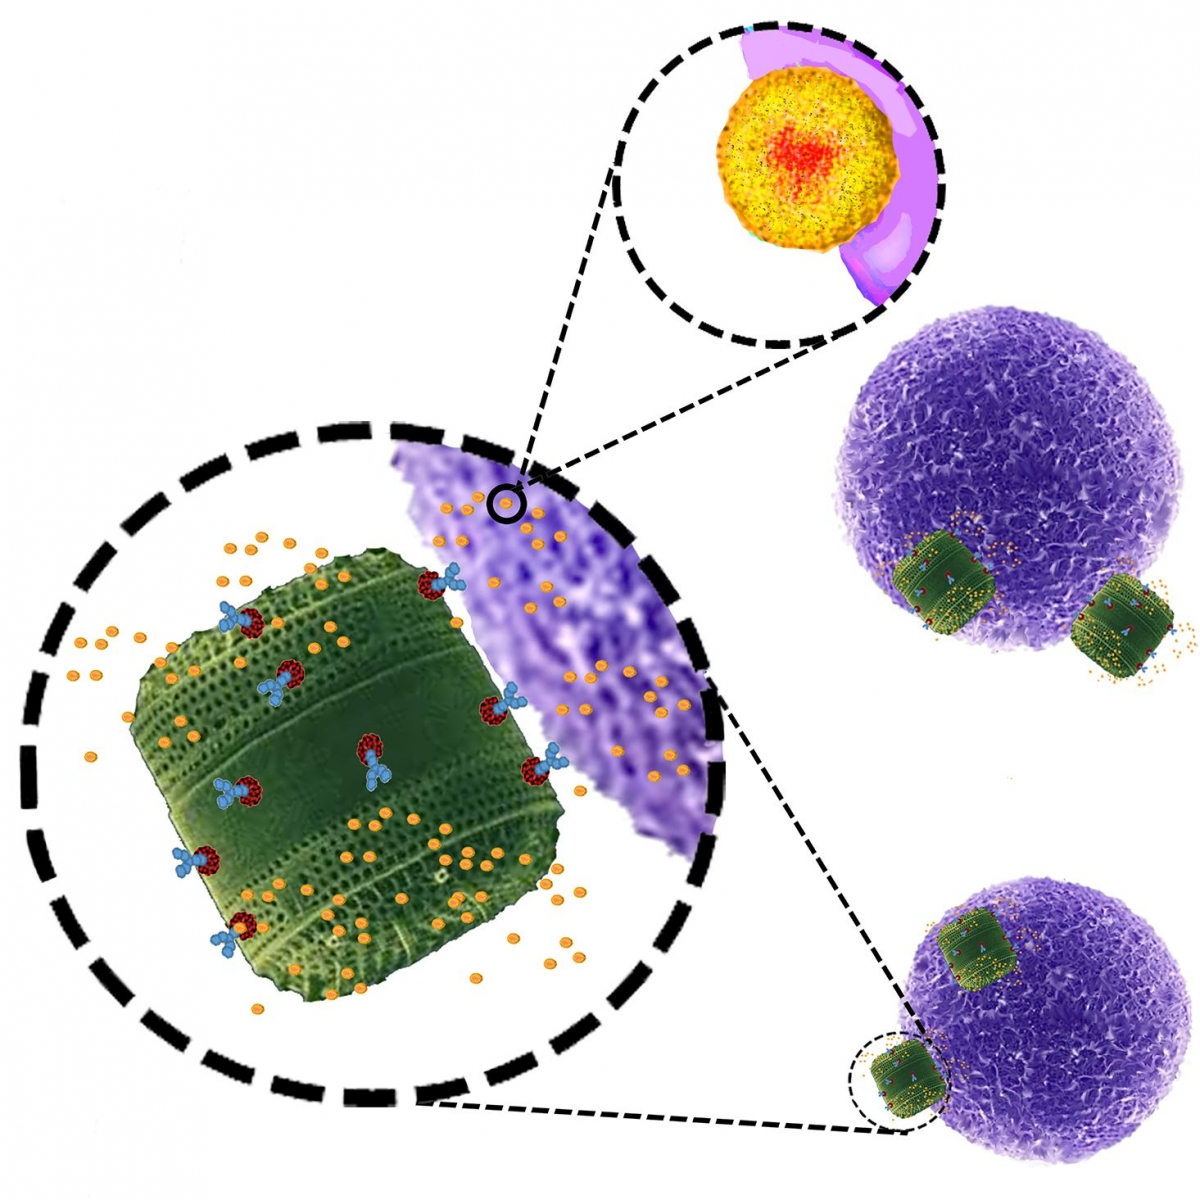 Ingeniería genética biosilica diatomeas